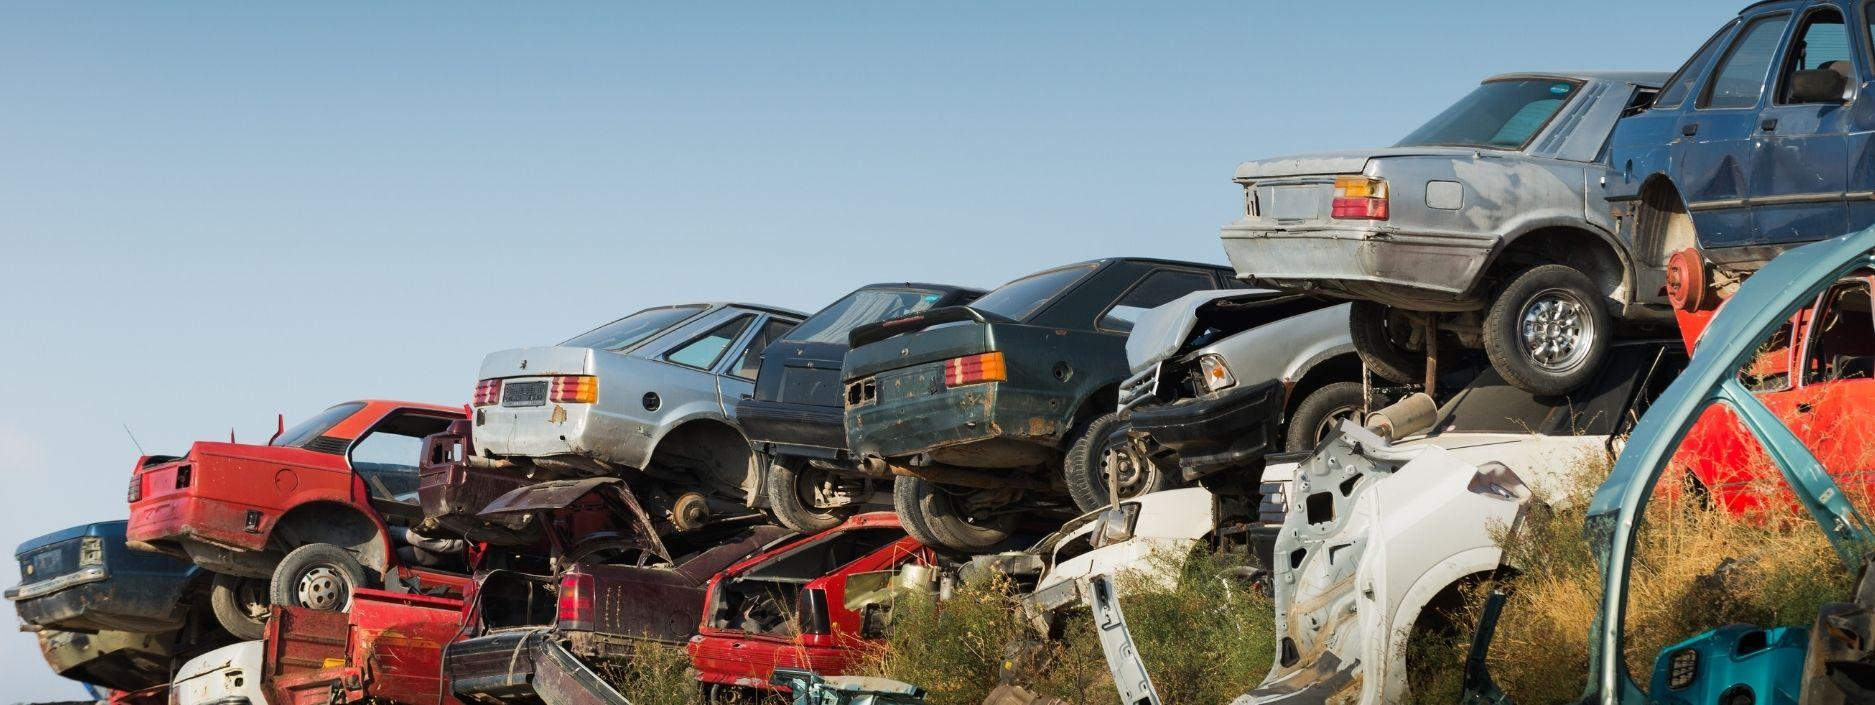 Scrap cars piled